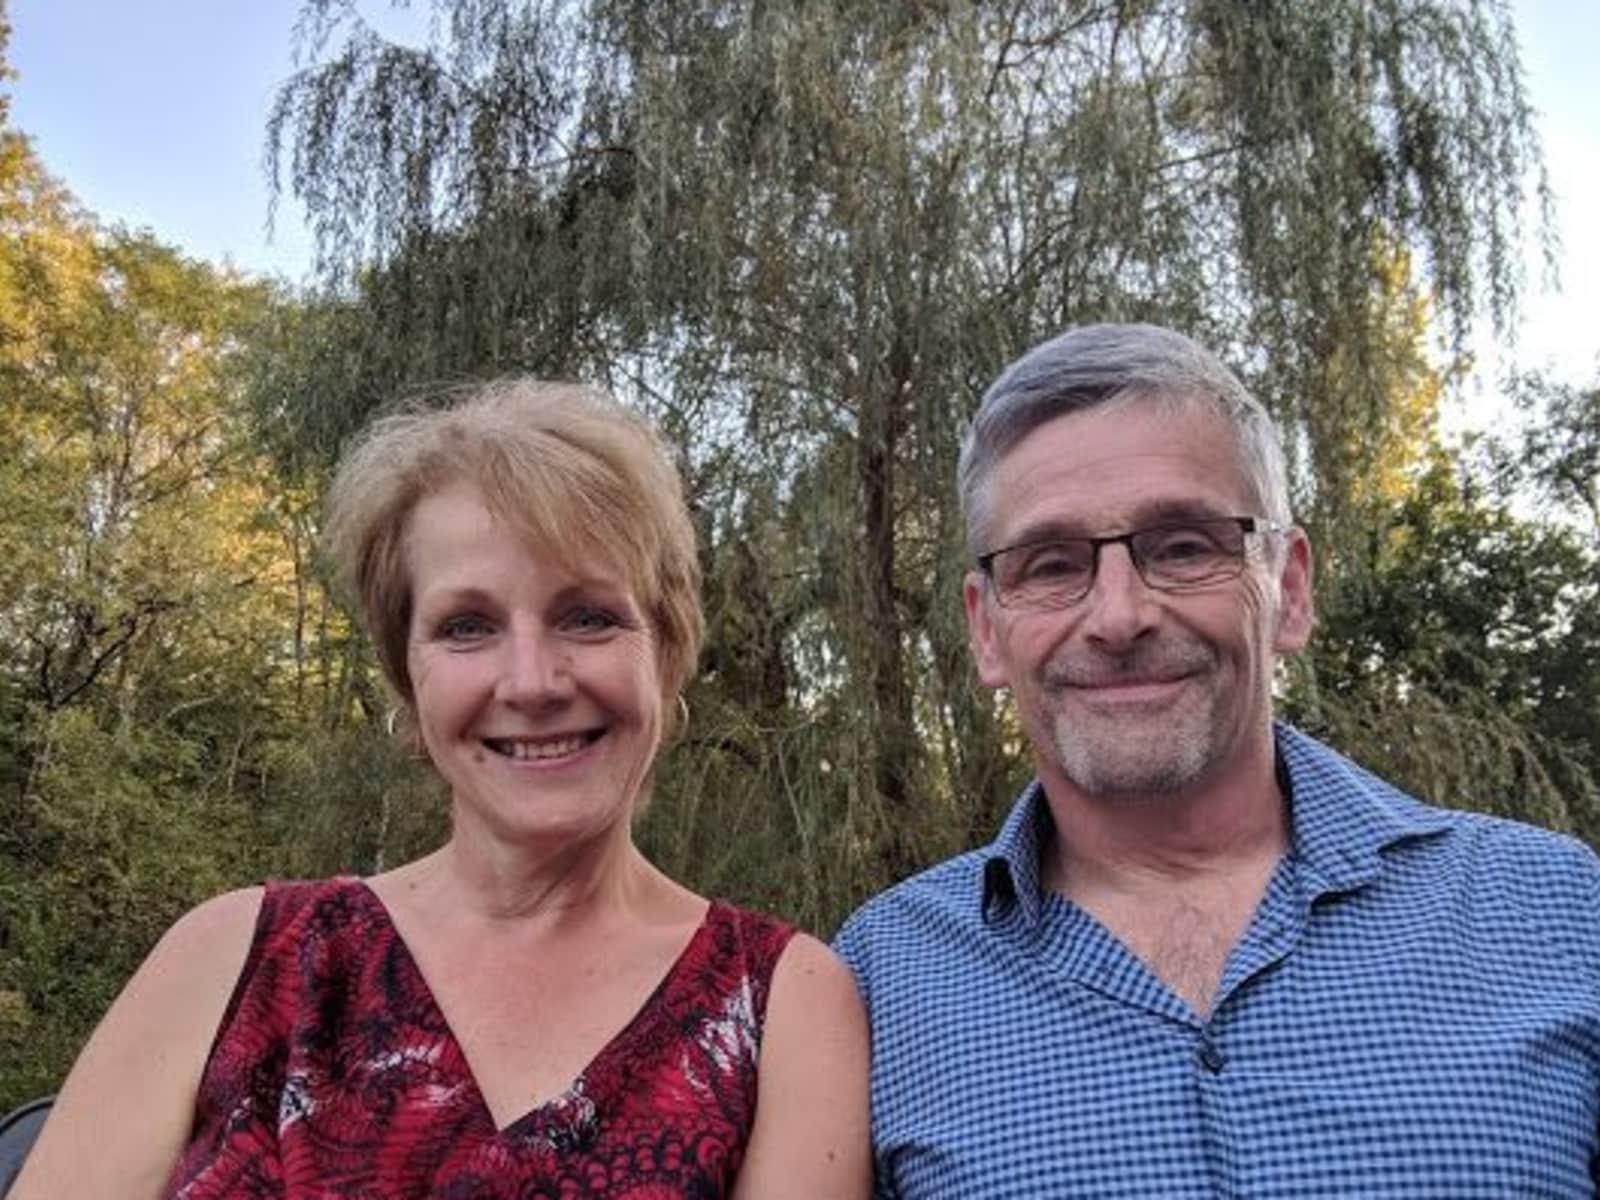 Kathrine & Nigel from Lubersac, France